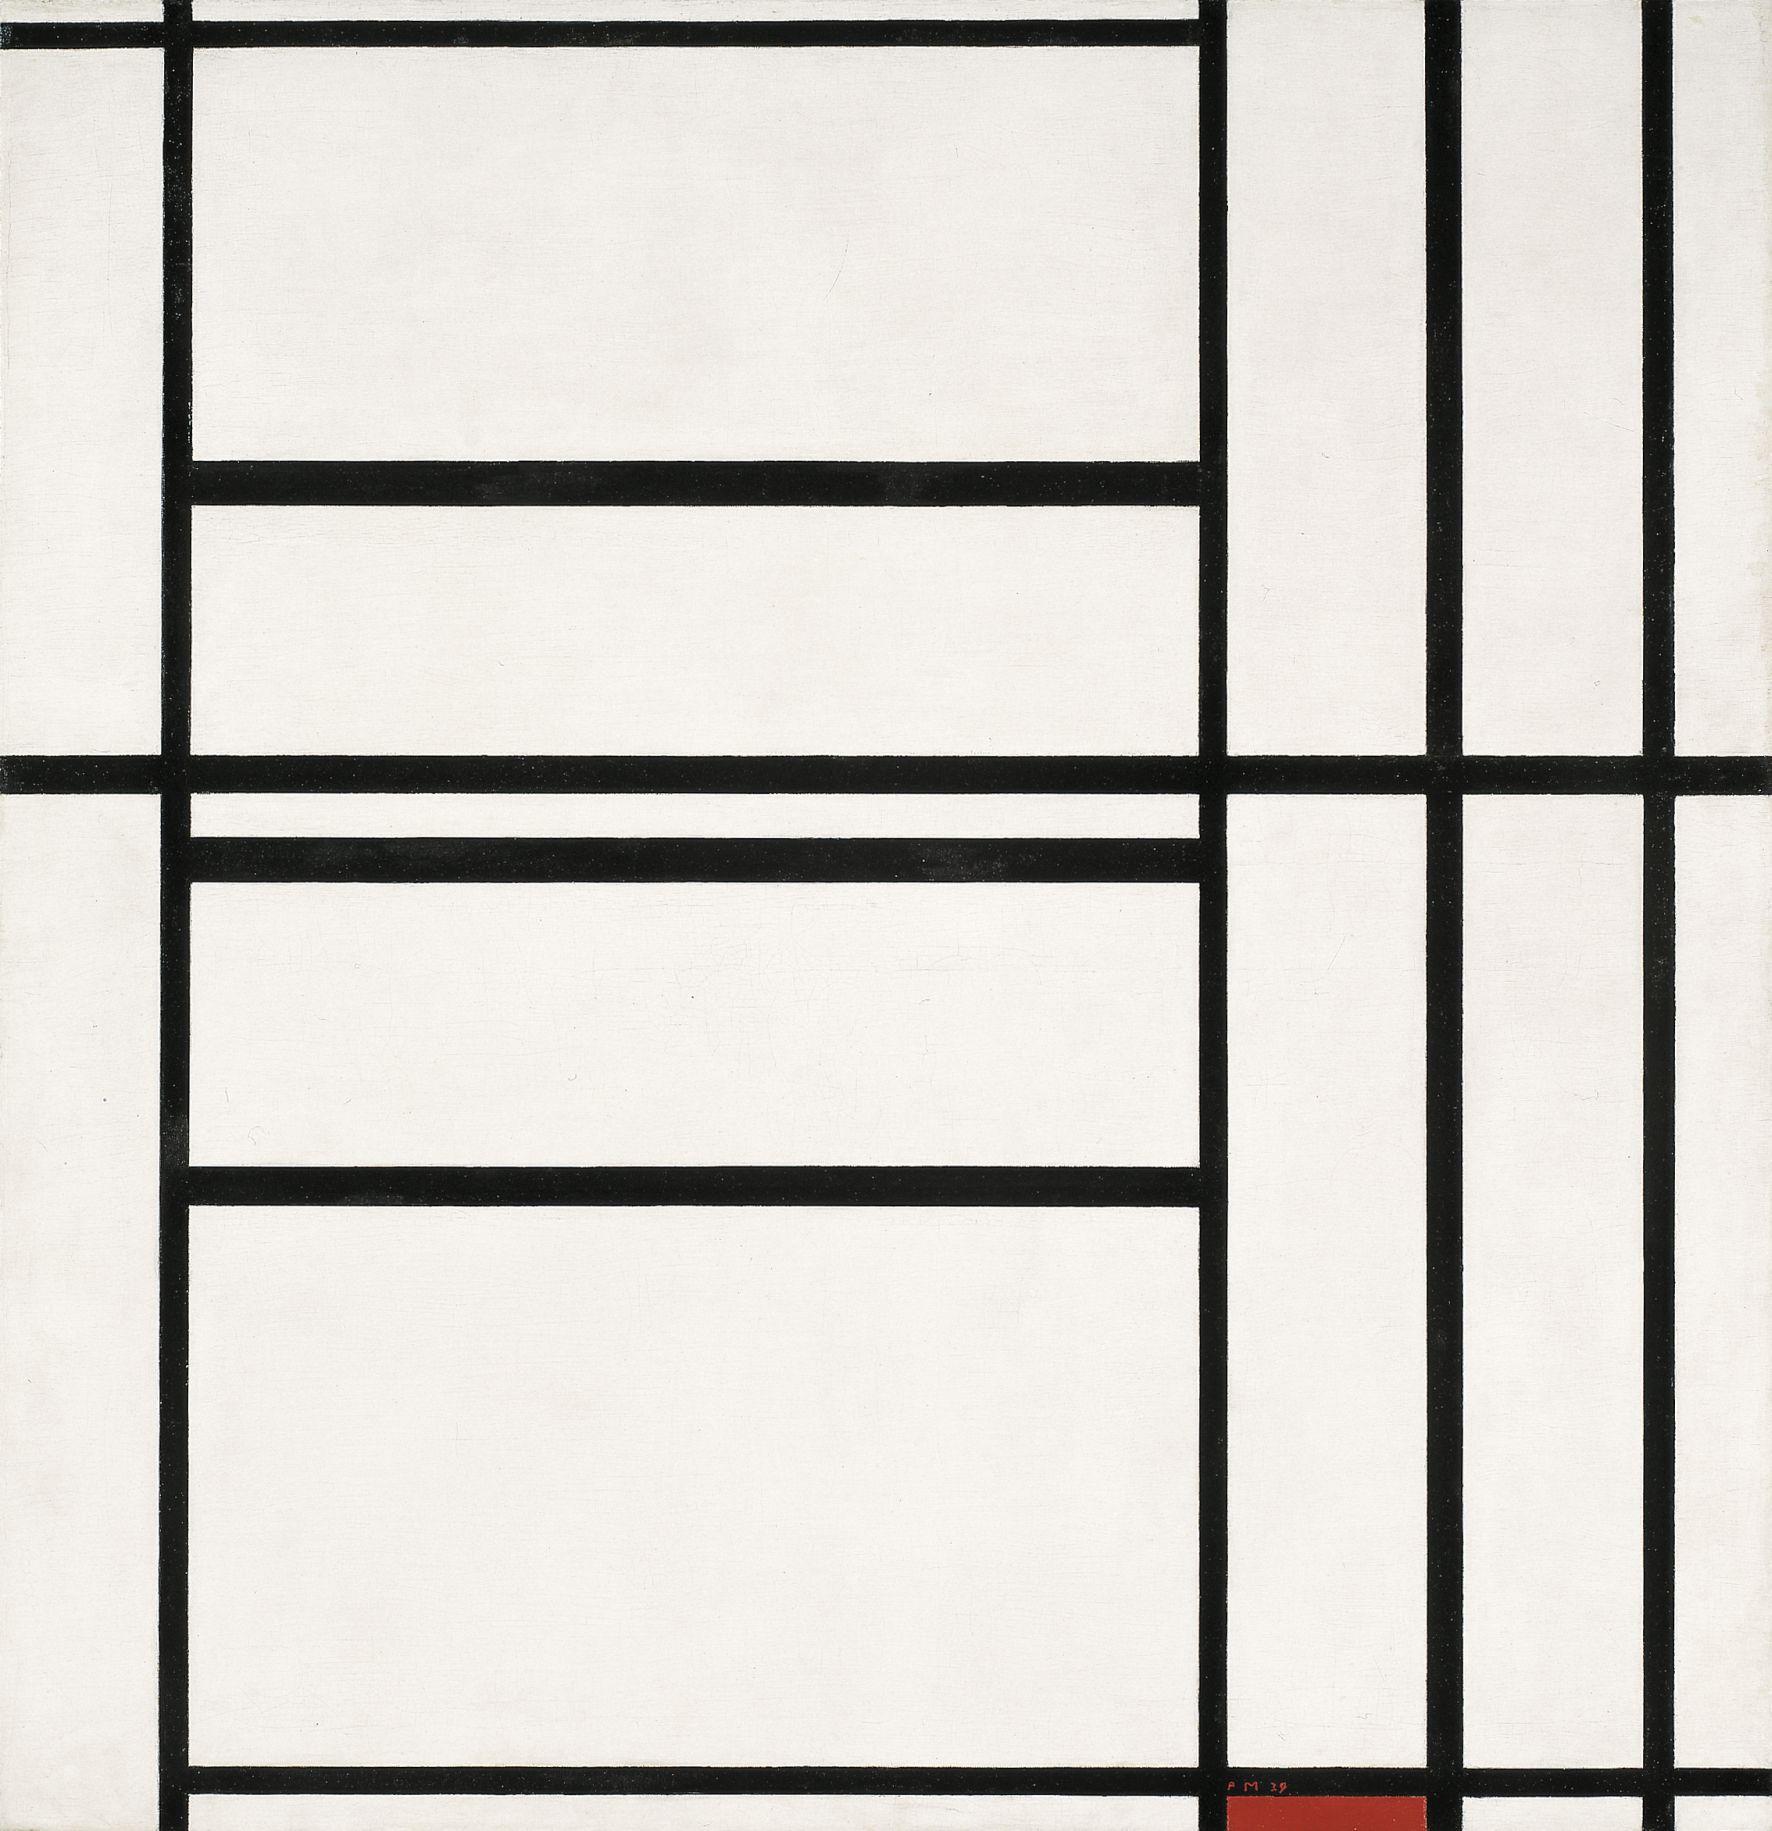 Indagine su Composizione n.1 con Grigio e Rosso del 1938 di Piet Mondrian